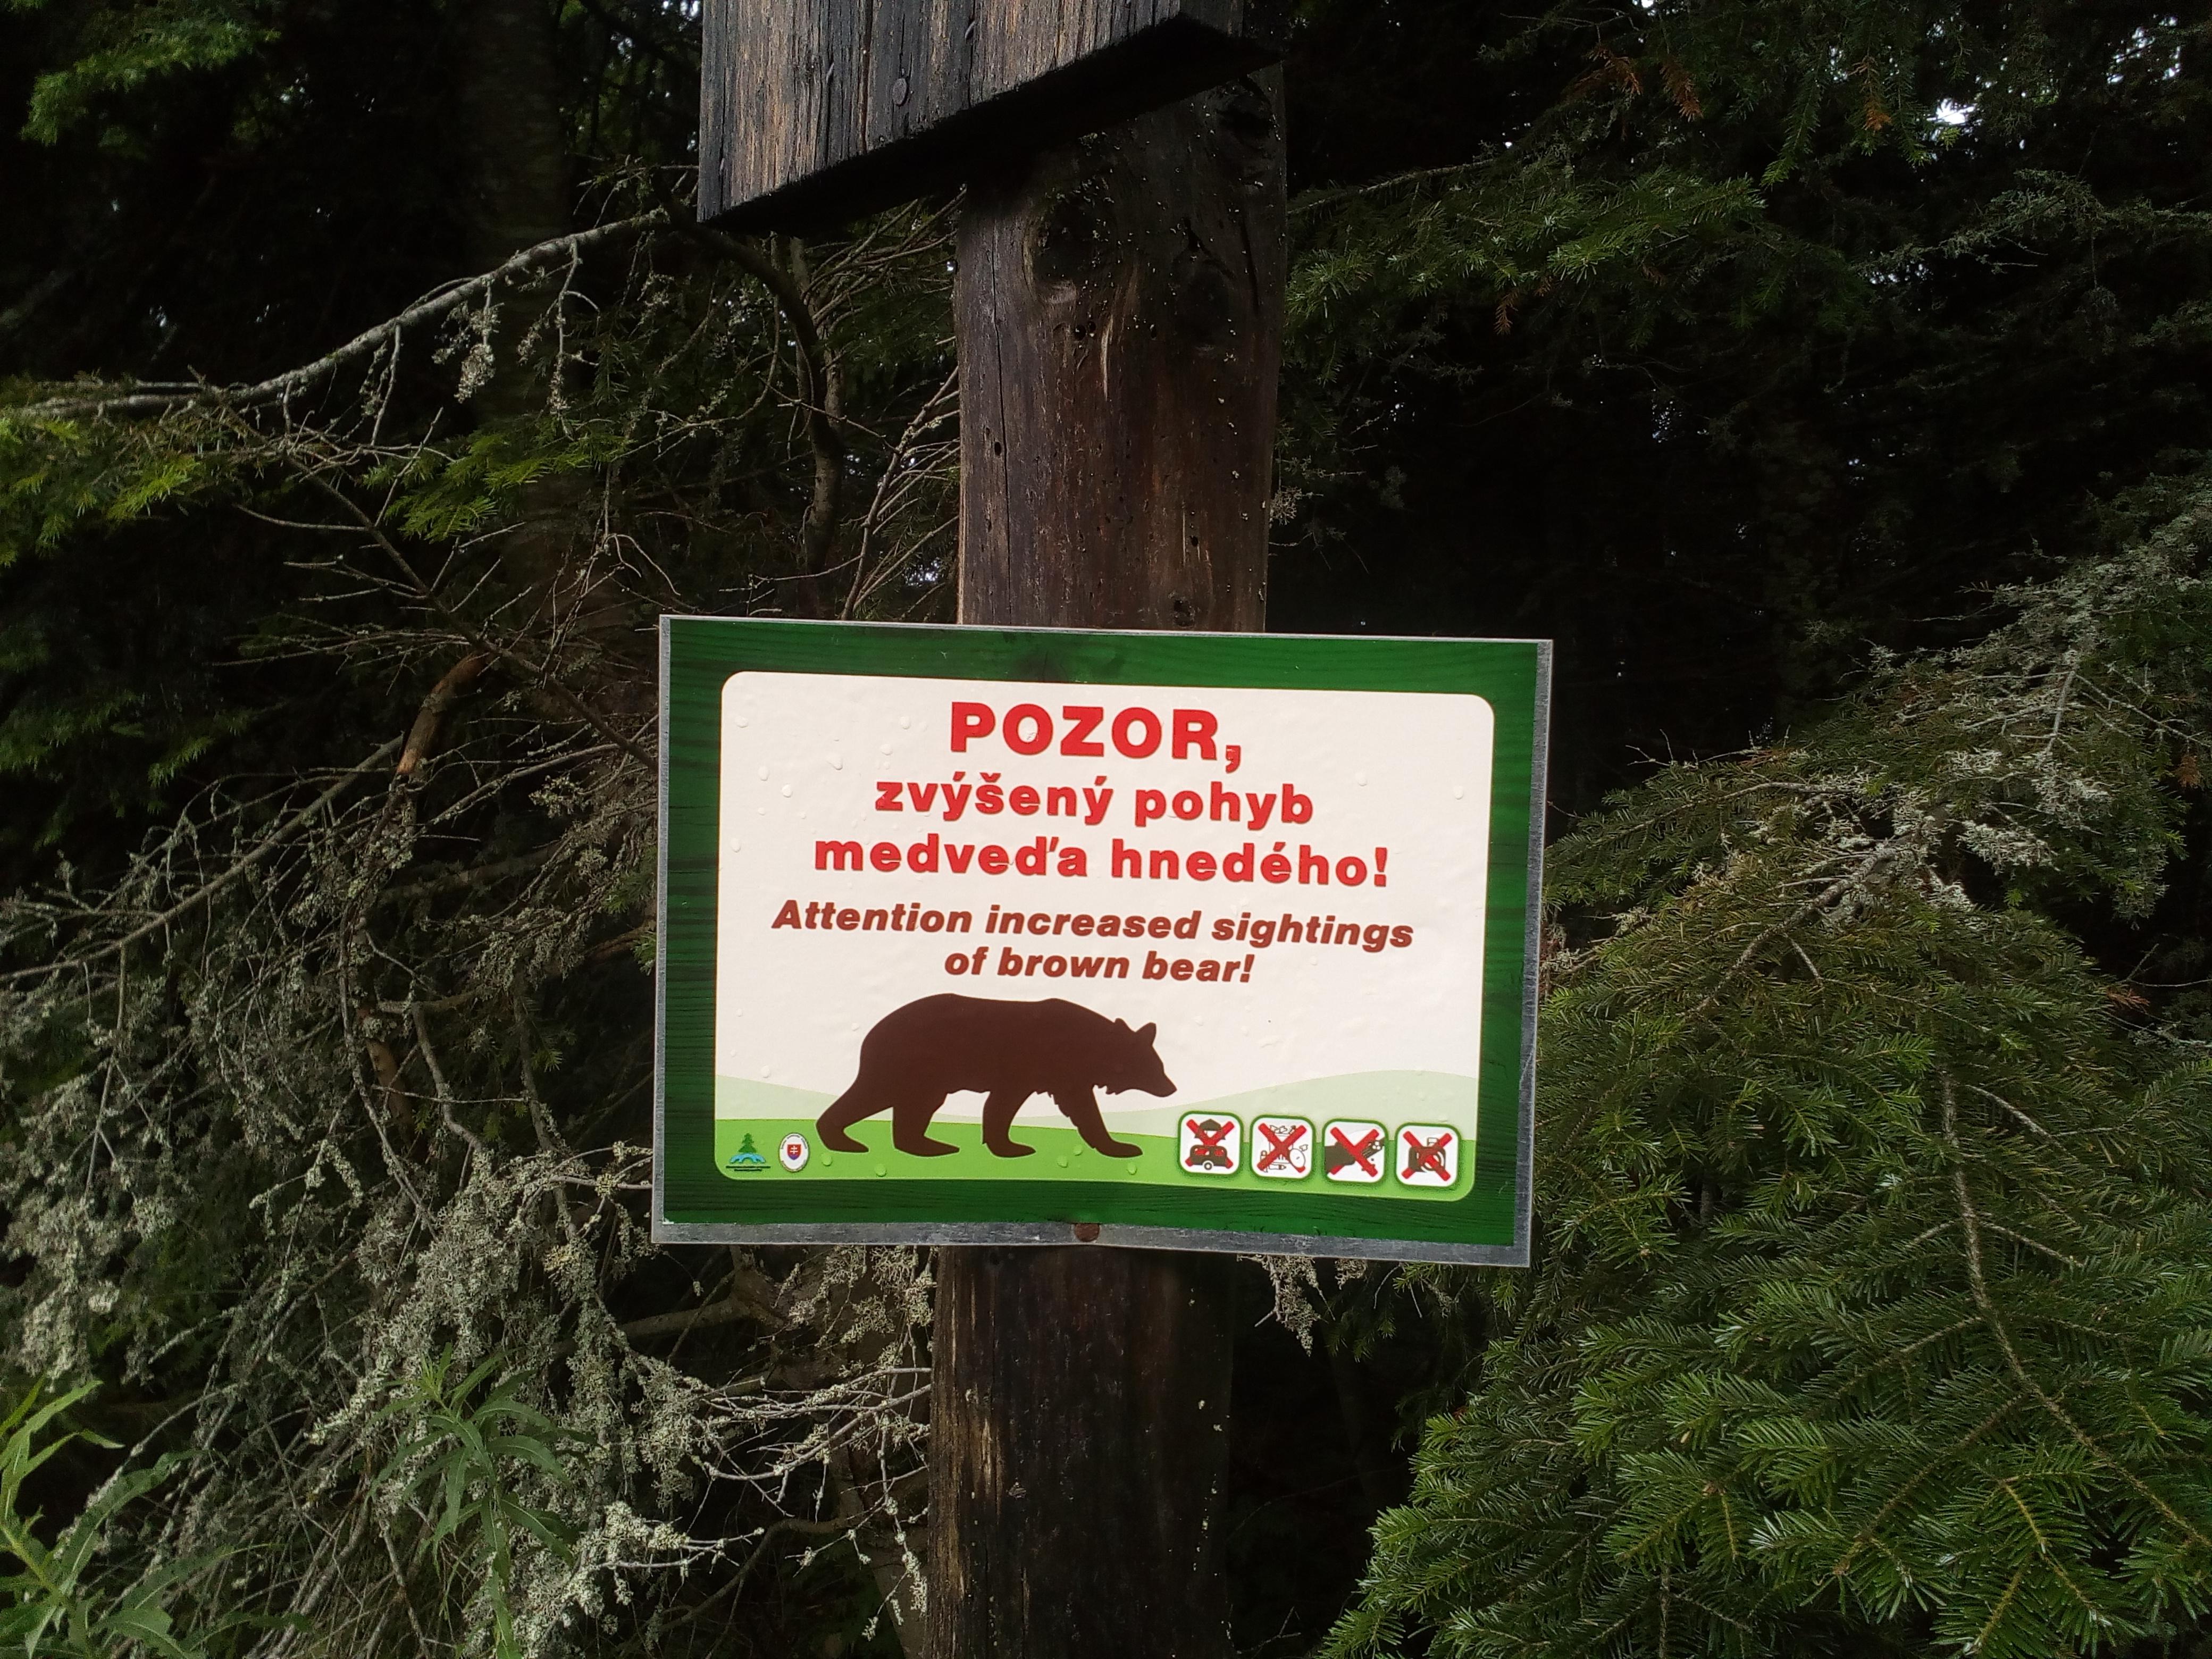 Wir verlassen die touristisch gemäßigte Zone. Die verwilderte, östliche Niedere Tatra beginnt.